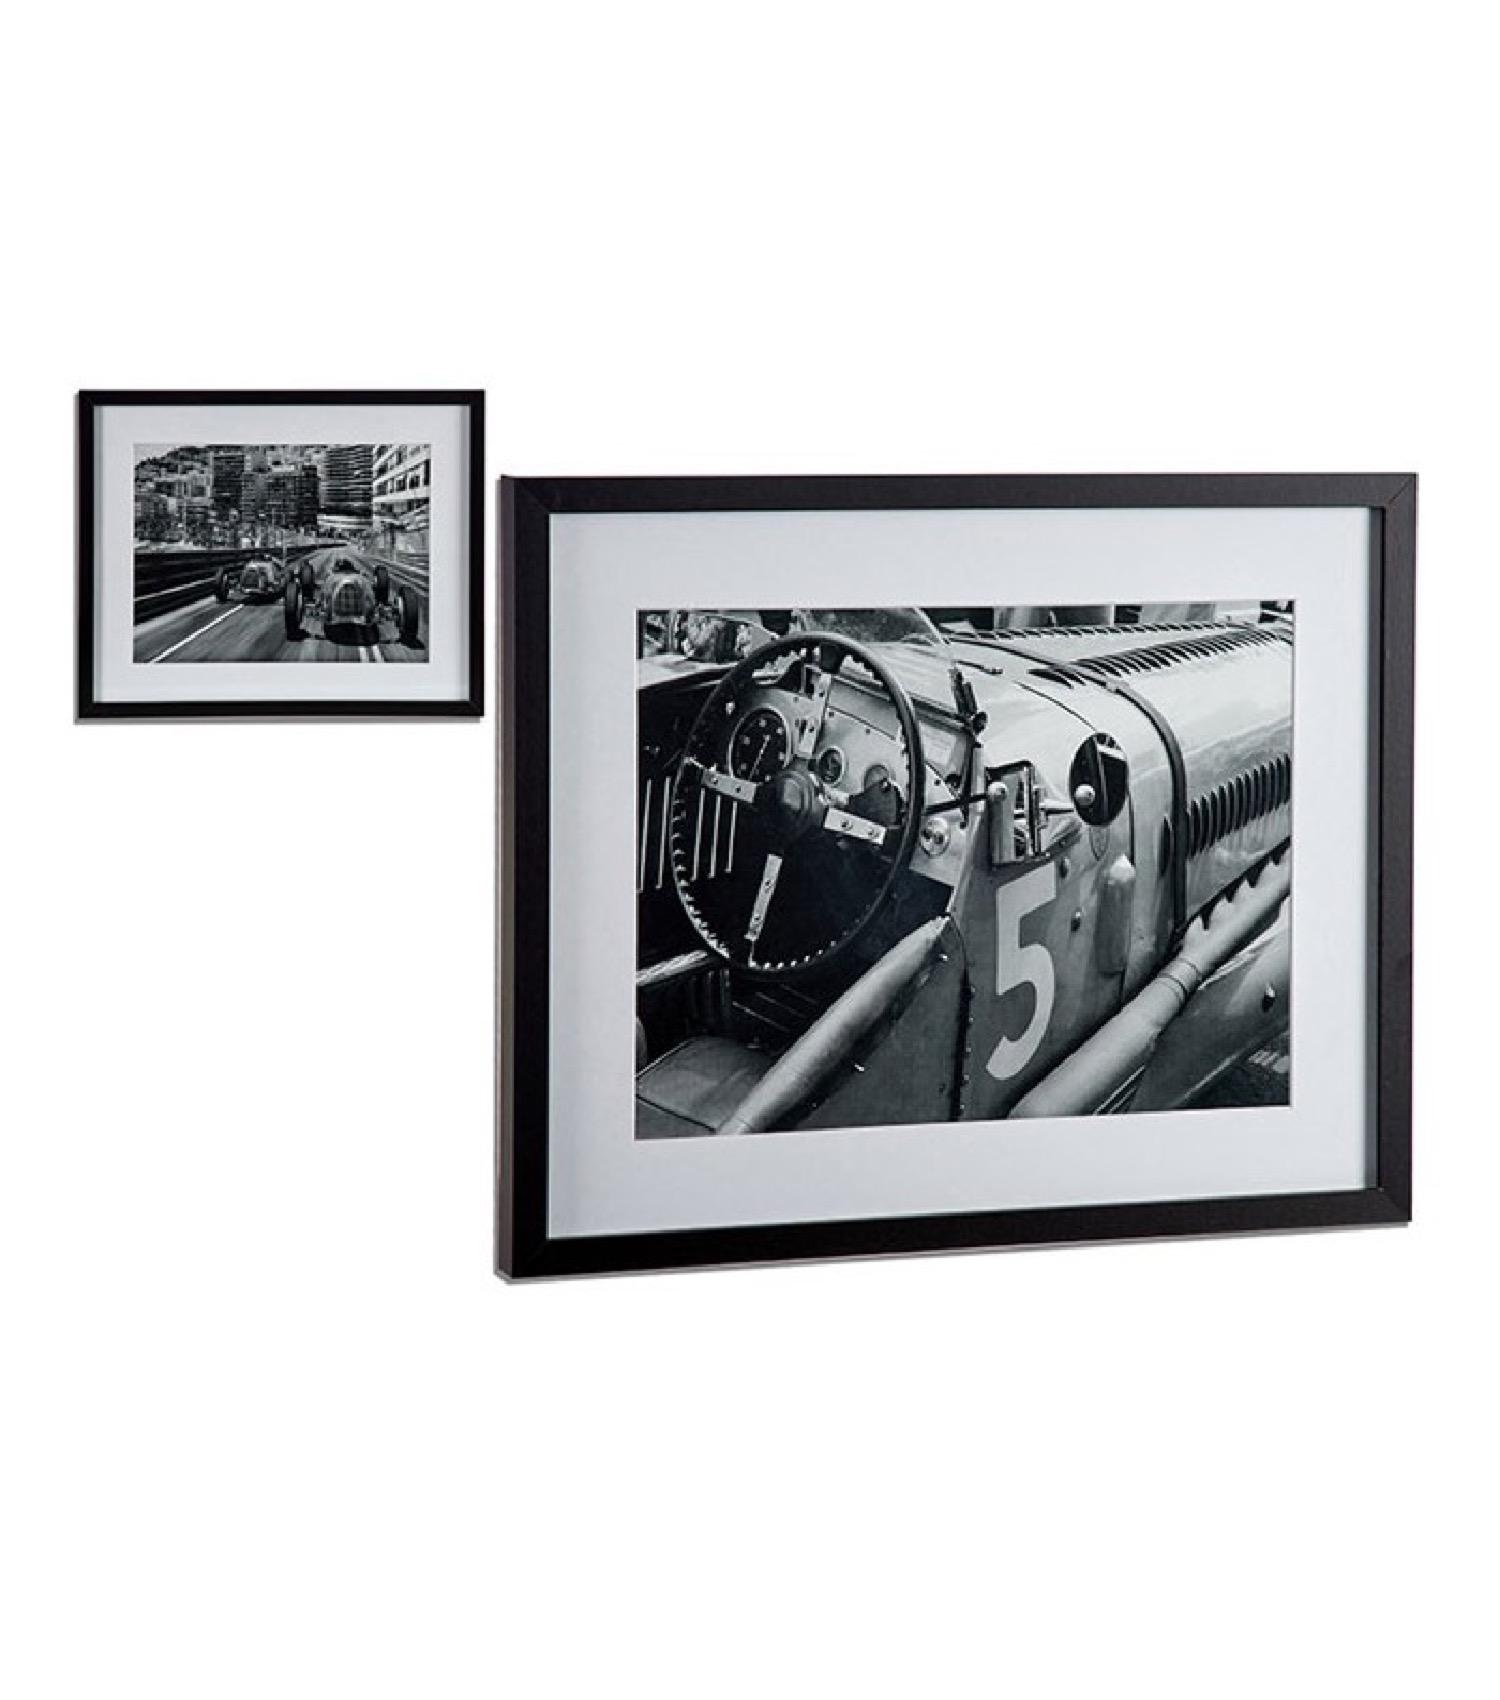 Set de 2 tableaux décoratifs photo noir et blanc